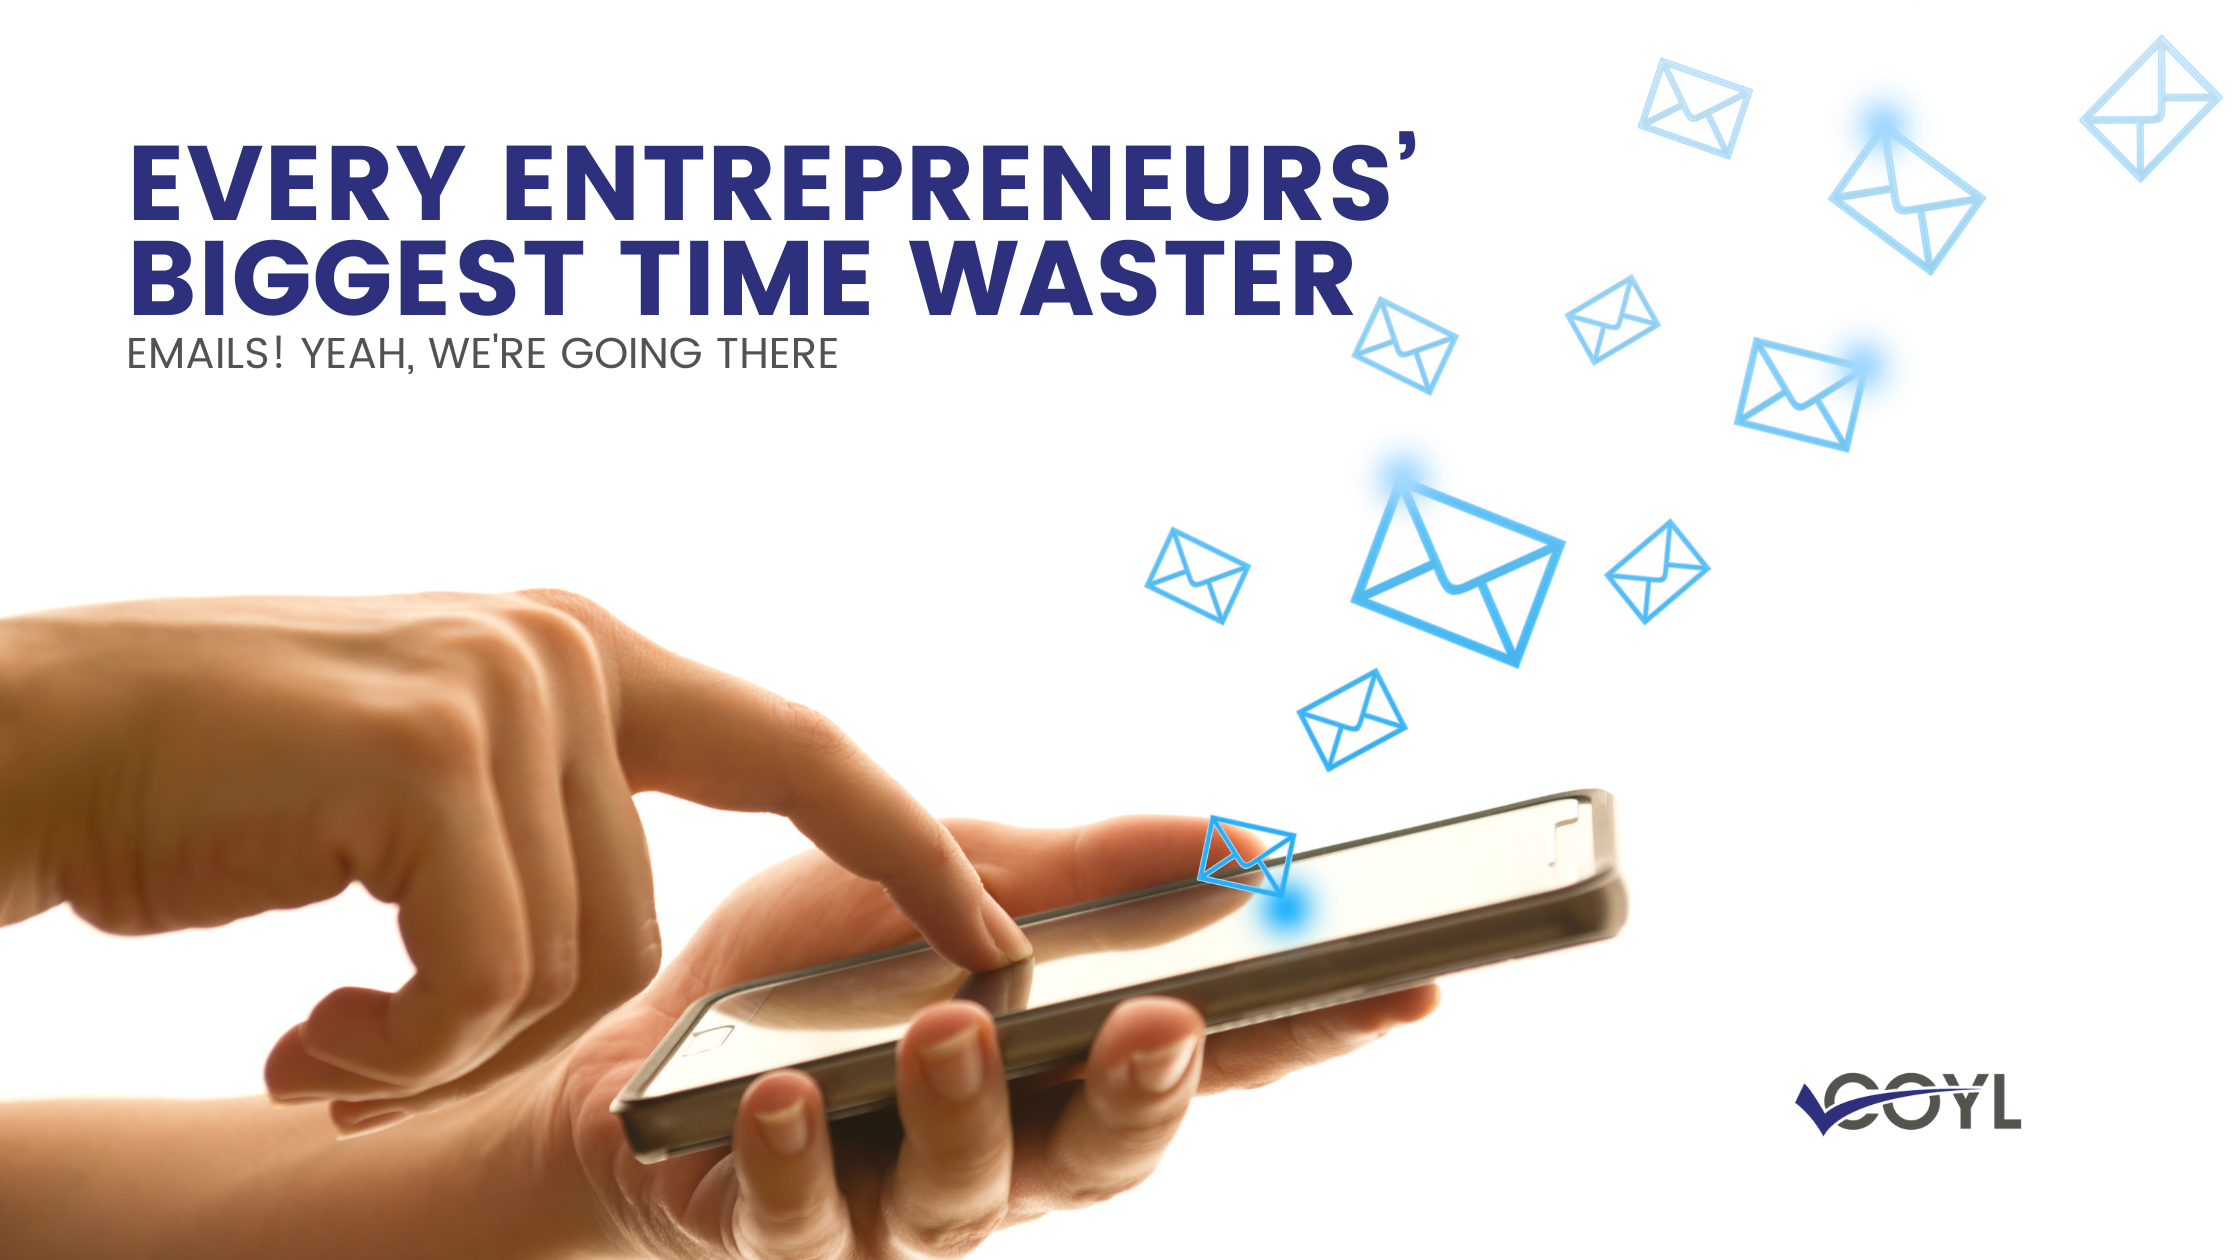 Email entrepreneur biggest time waster